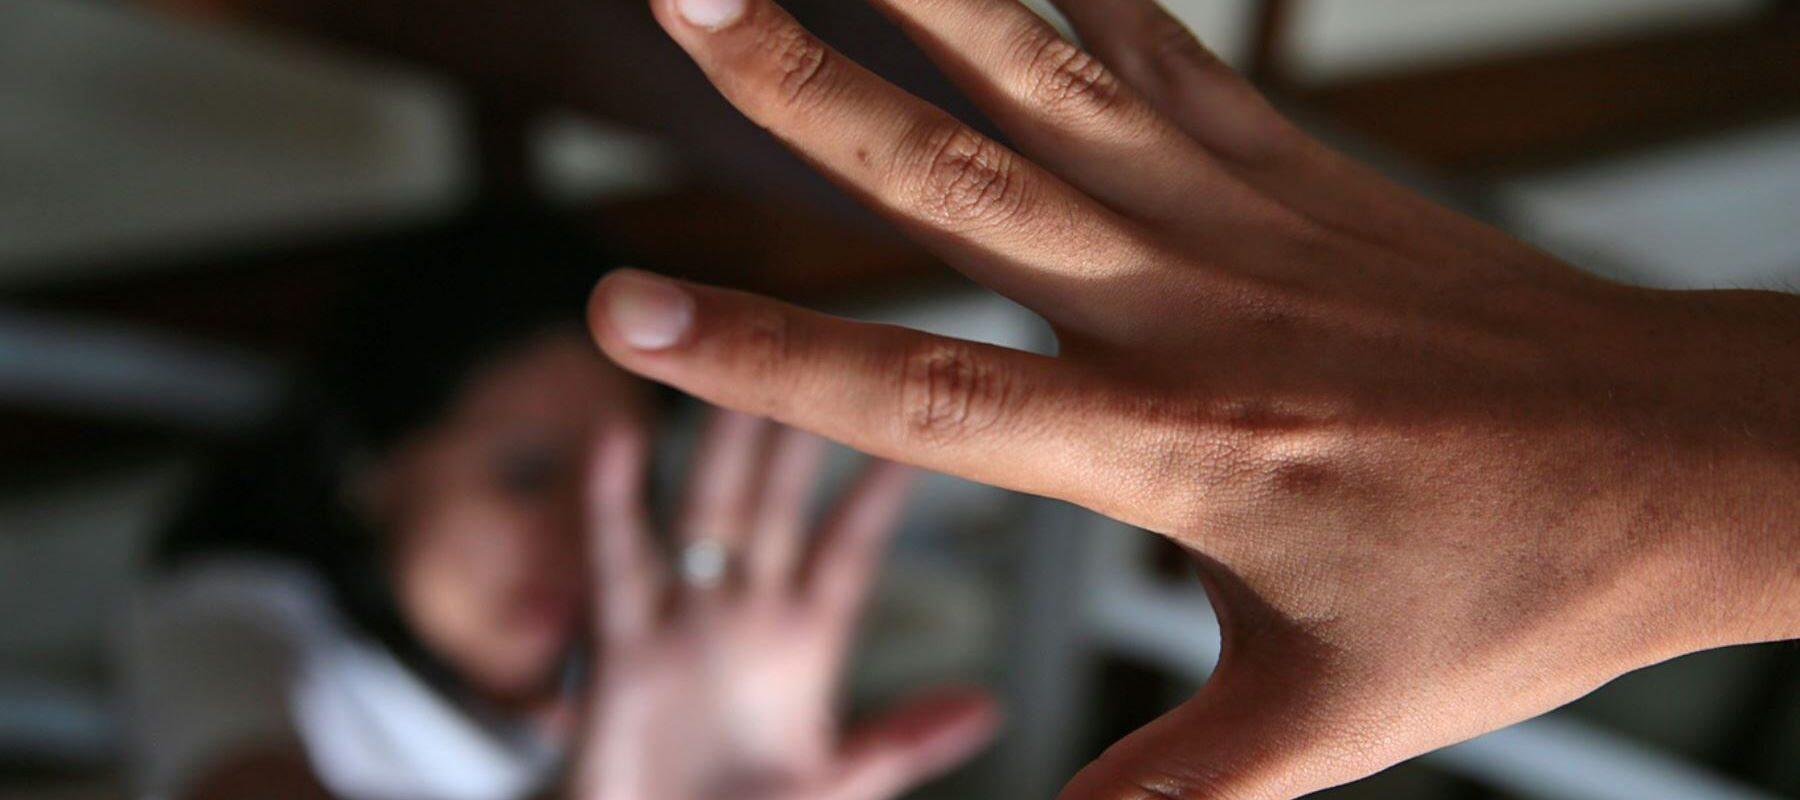 Santiago golpeó a su novia embarazada al encontrarla fuera de casa: No le dio permiso de salir